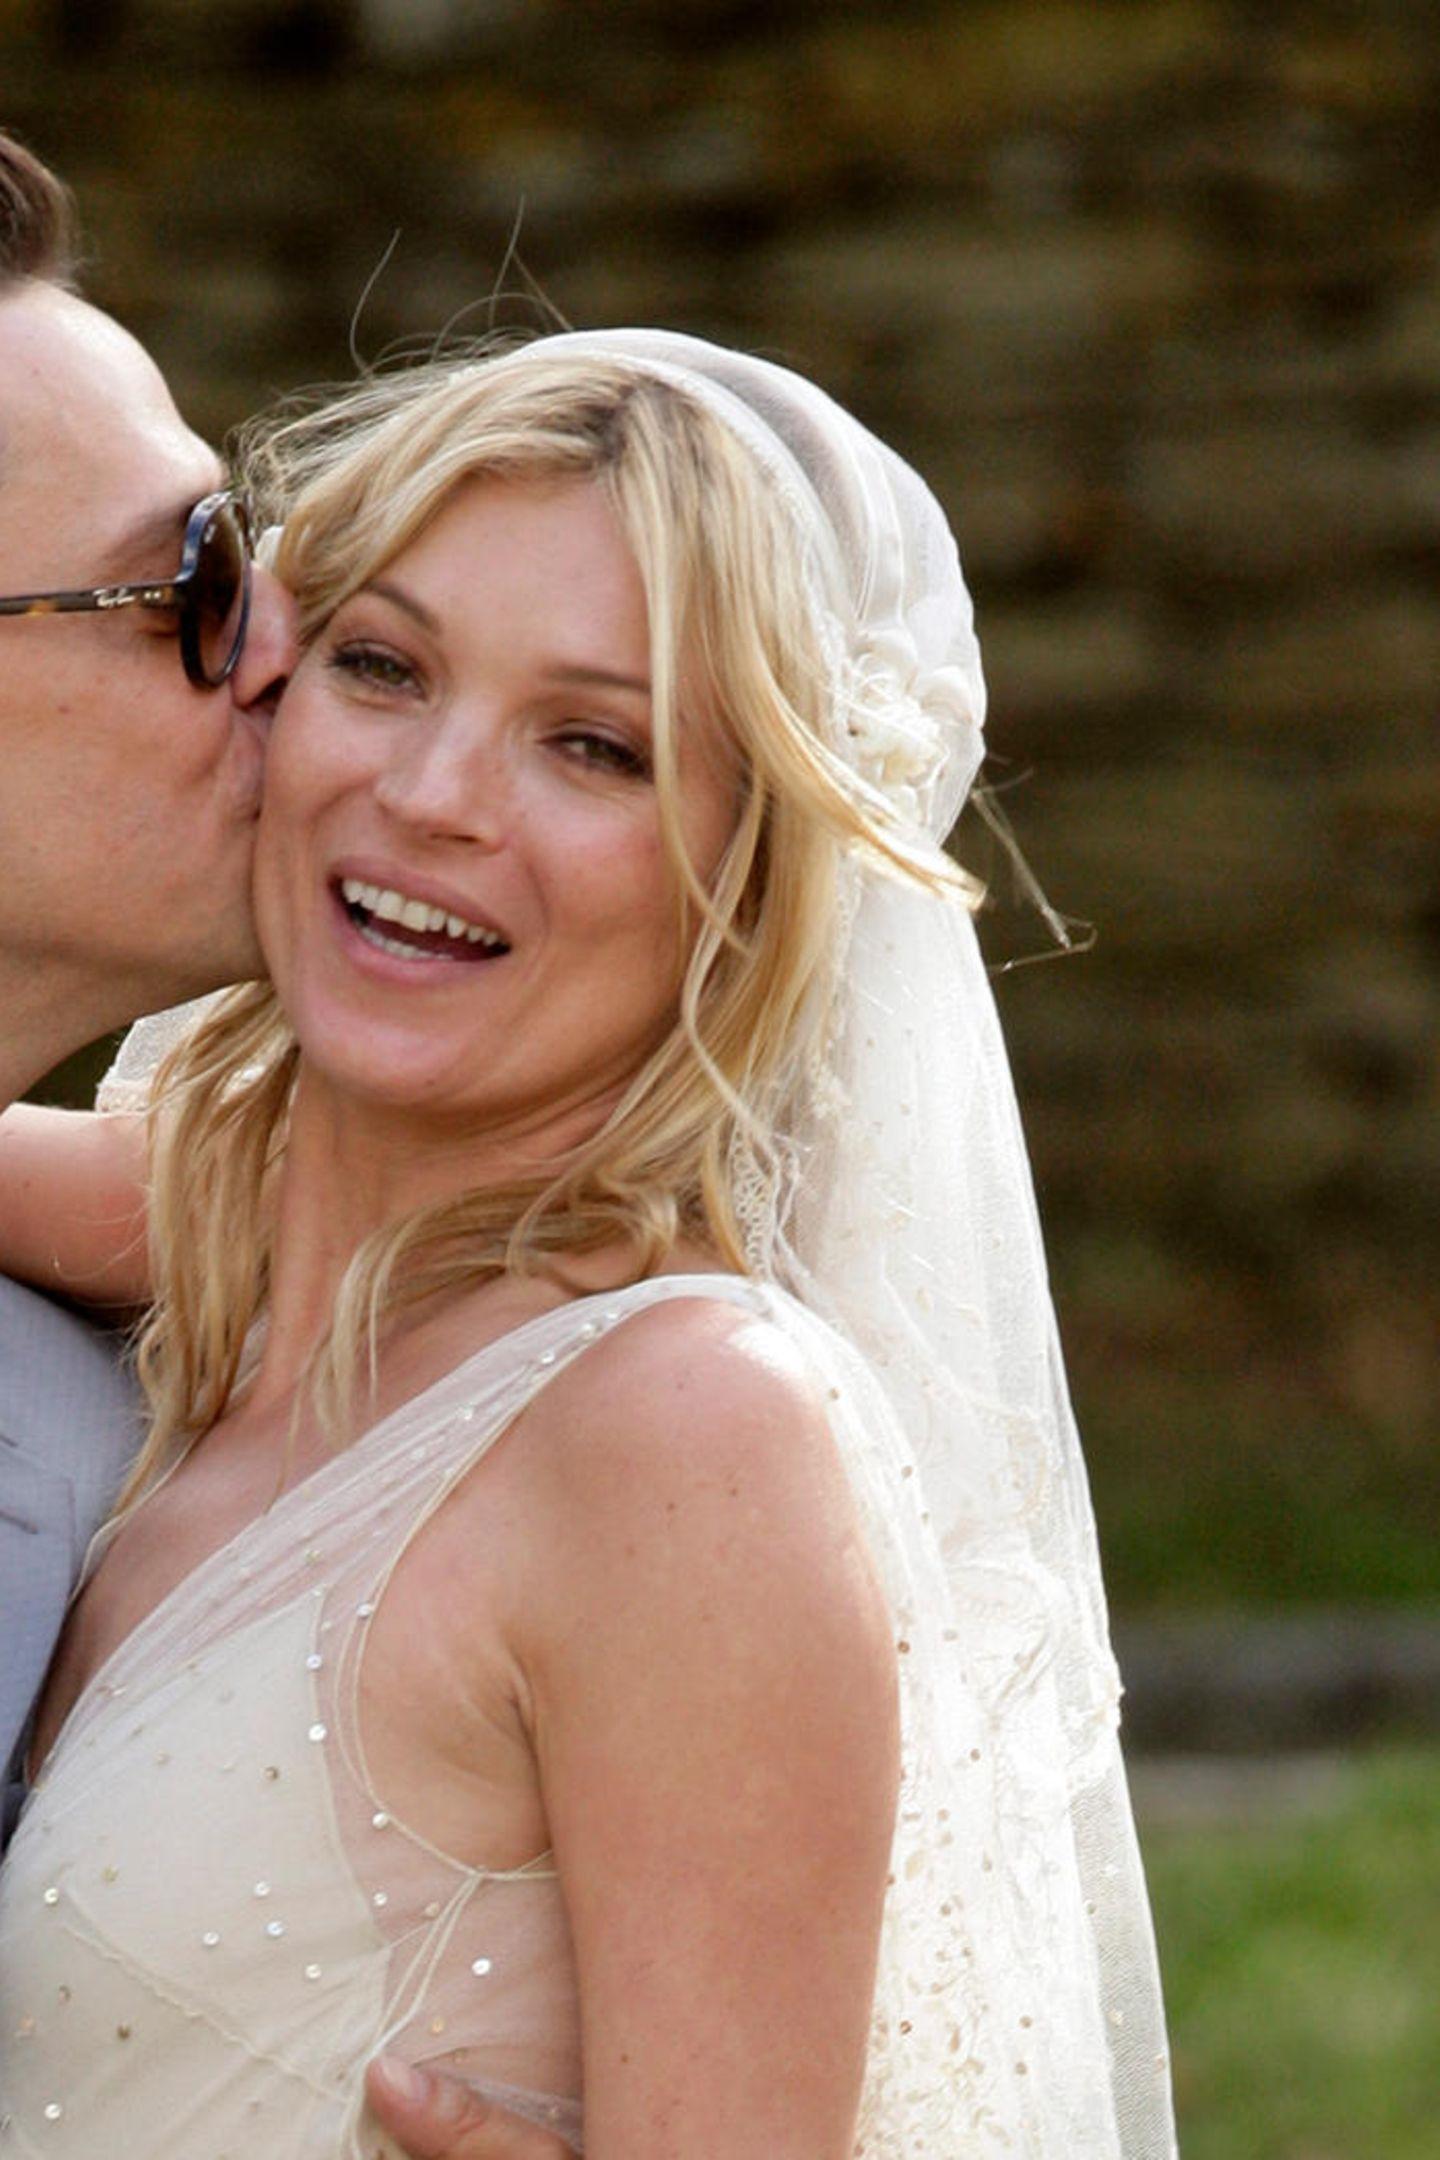 Supermodel Kate Moss verzichtet bei ihrer Hochzeit auf pompöses Make-up und setzt auf Leichtigkeit: Die Augen werden mit etwas braunem Lidschatten betont und ein Lippenstift in einem neutralen Ton rundet den Look ab.